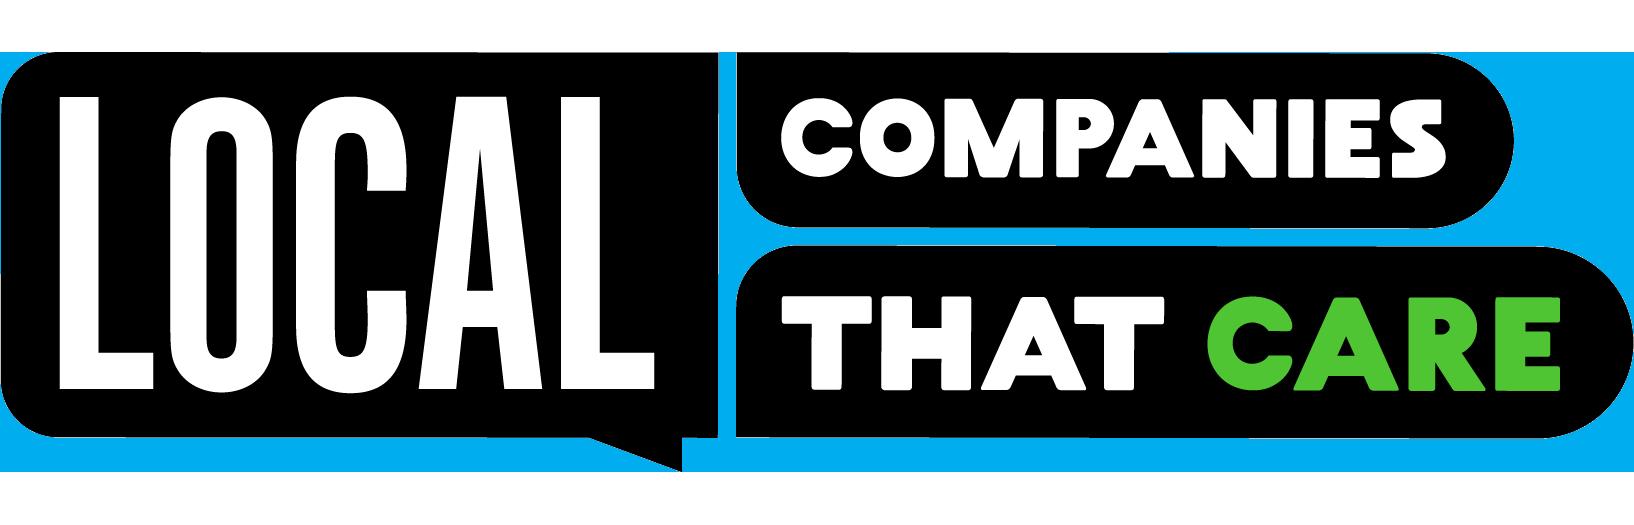 lctc-logo